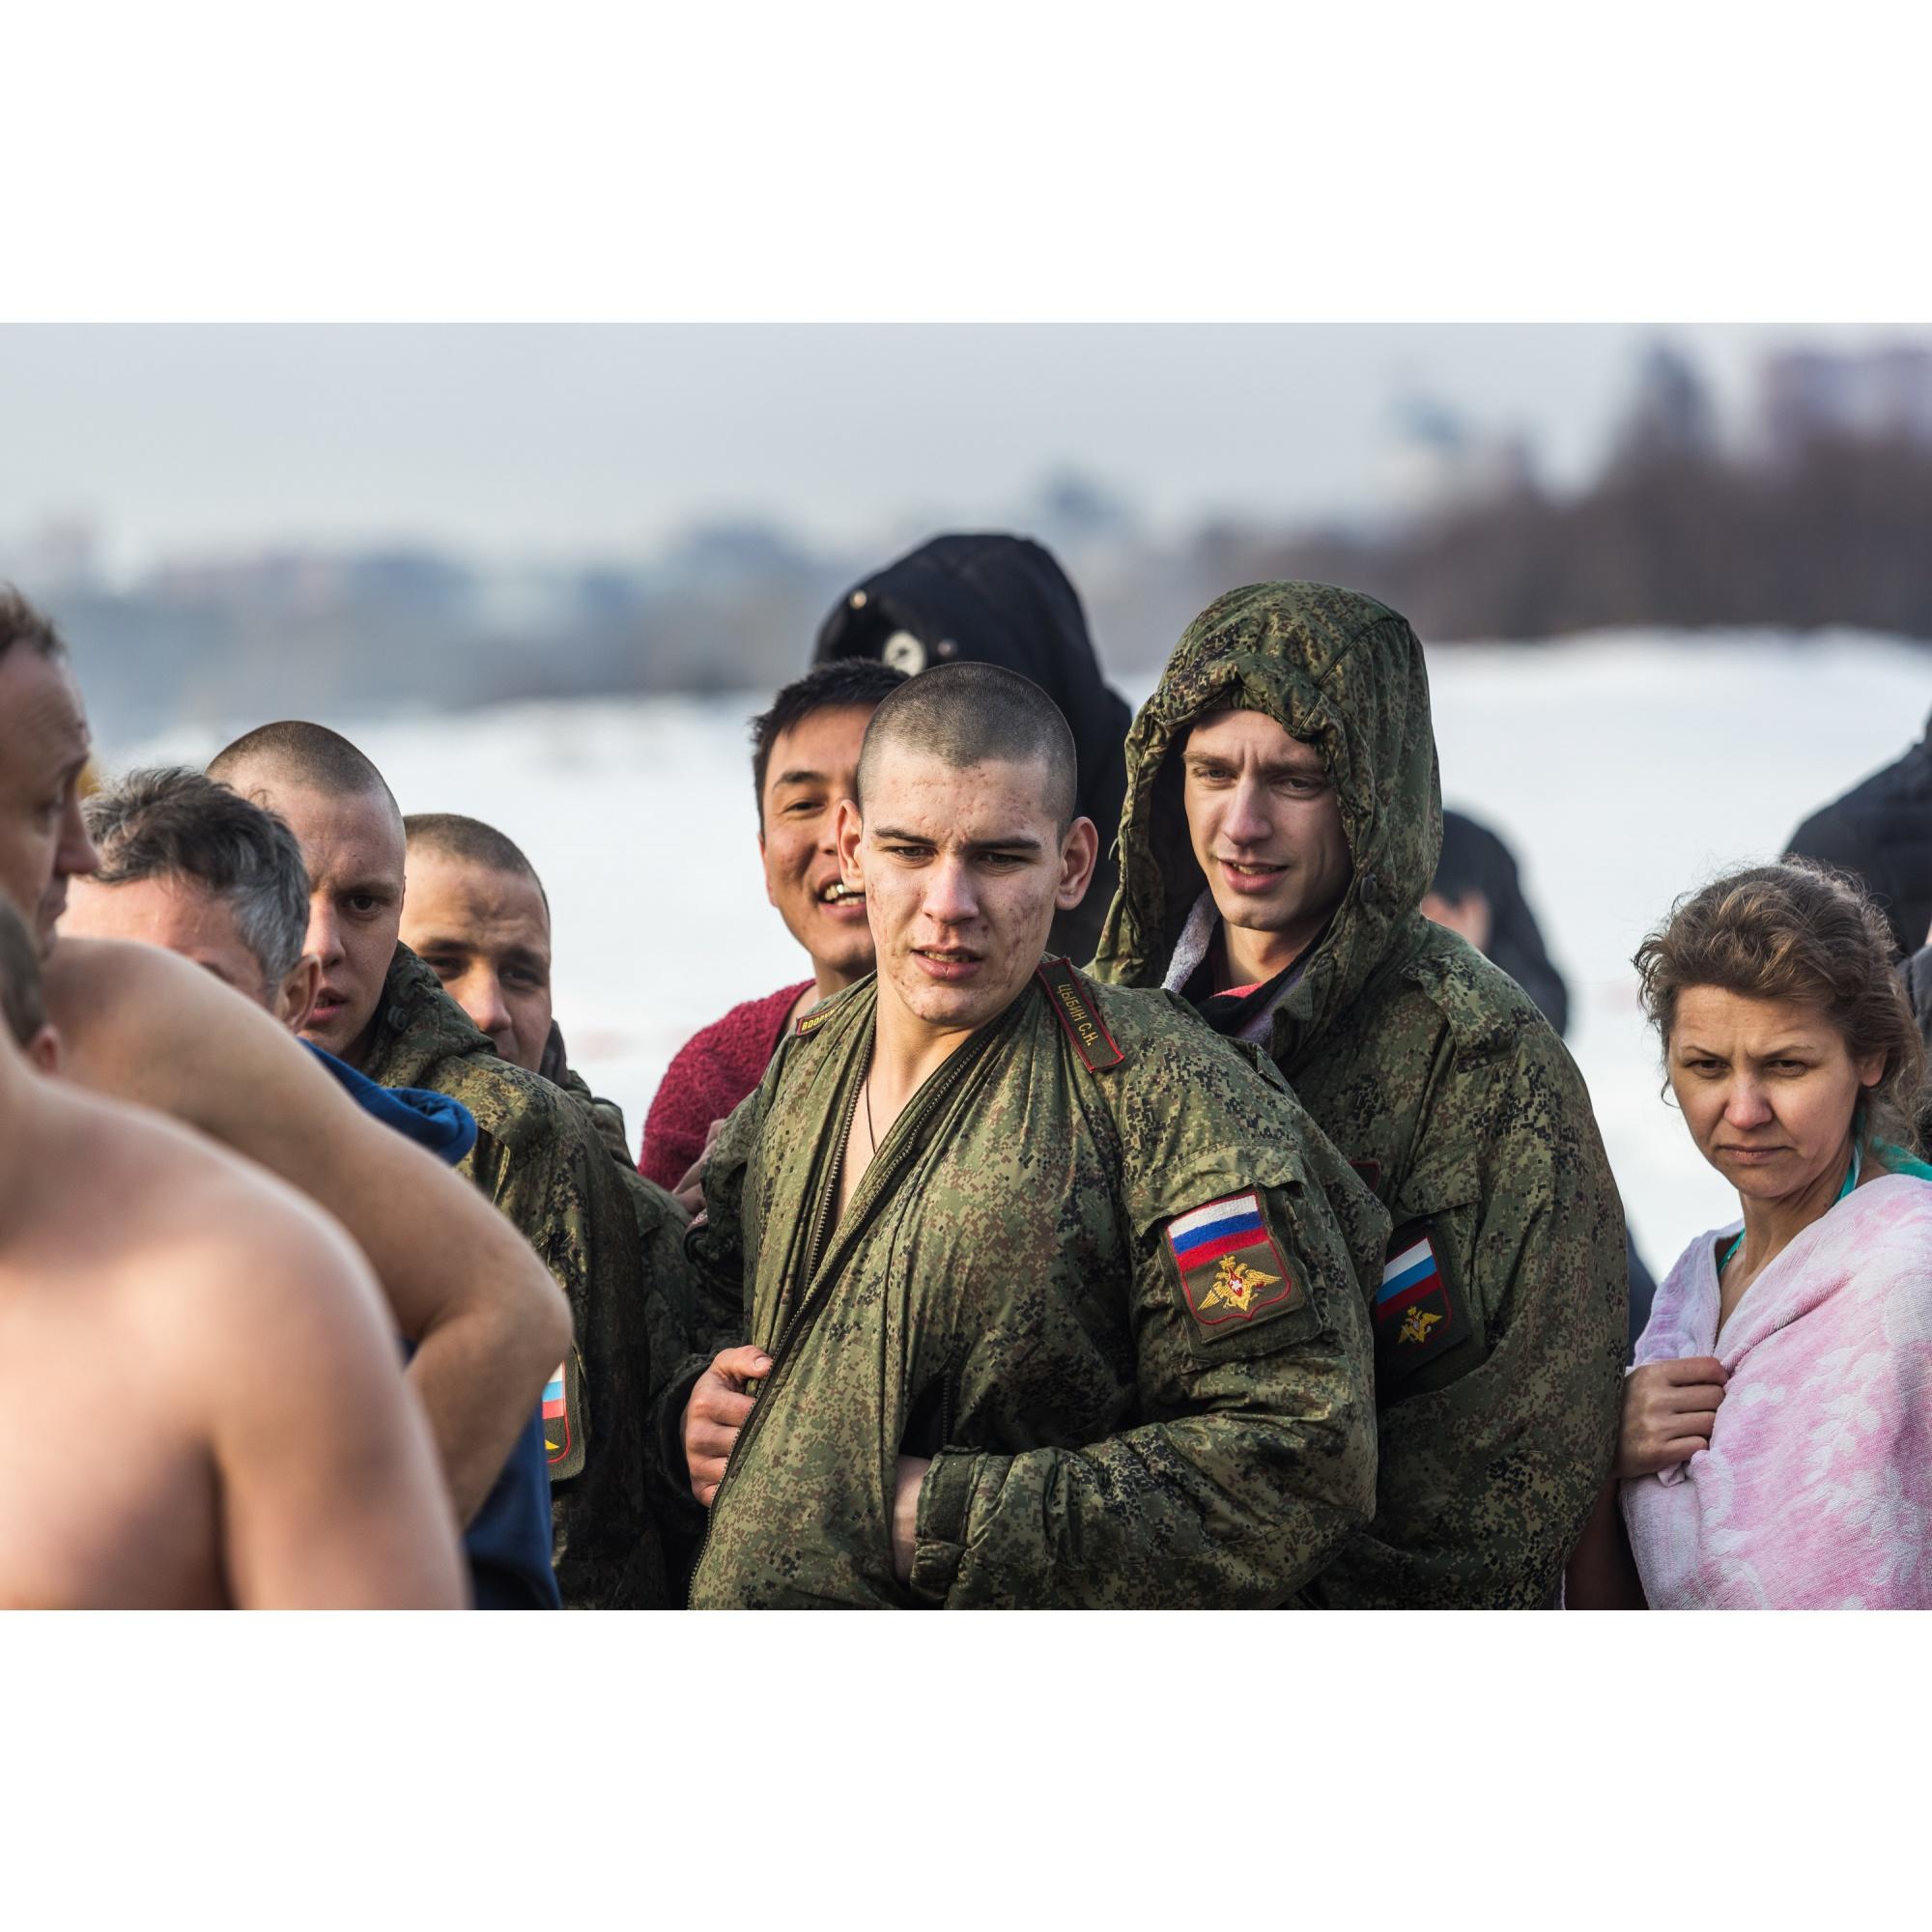 К Бугринскому мосту (купель у «Европейского берега») прибыли военнослужащие